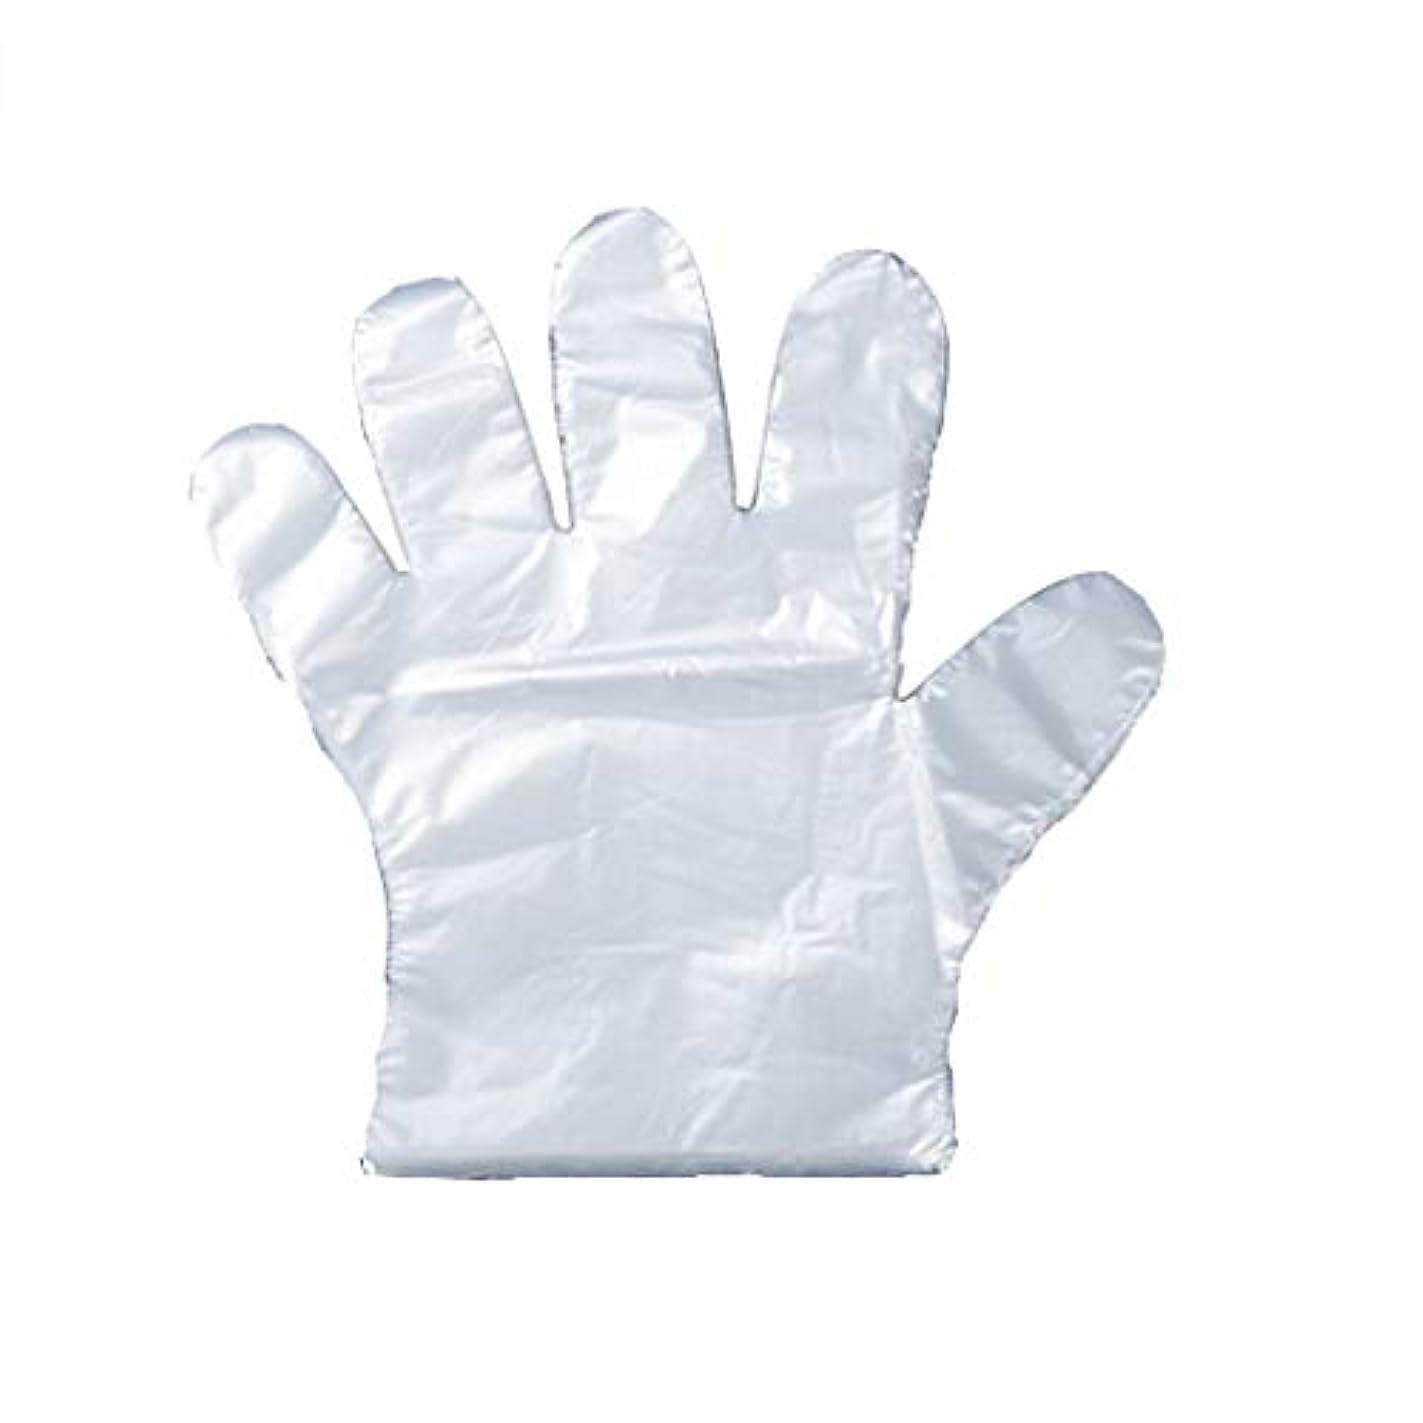 入手します入手します乳製品手袋、使い捨て手袋、食堂、髪および肥厚手袋PVC手袋は、1000倍になった。